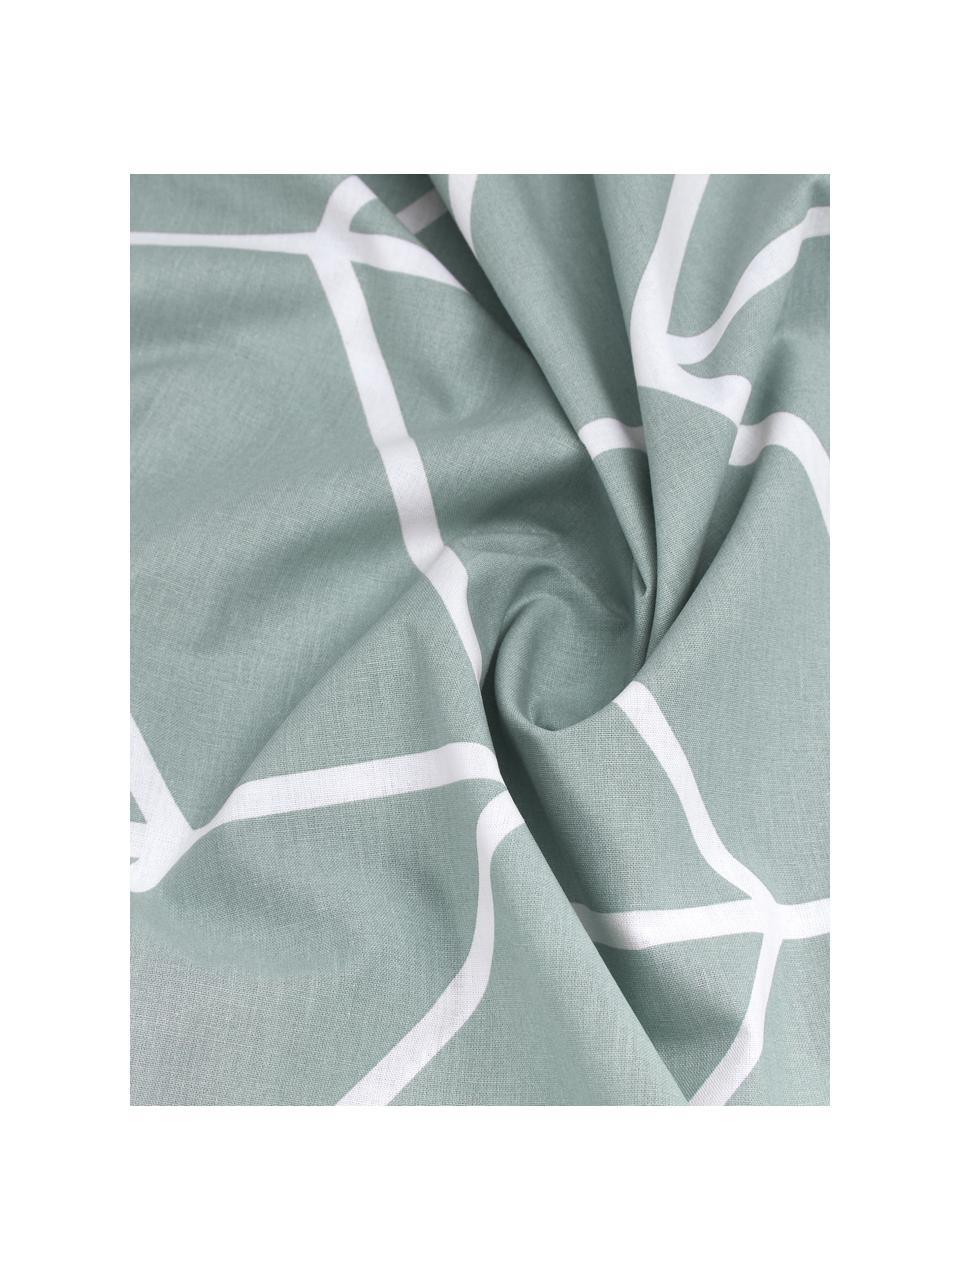 Baumwoll-Bettwäsche Mirja mit grafischem Muster, Webart: Renforcé Fadendichte 144 , Grün, Weiß, 155 x 220 cm + 1 Kissen 80 x 80 cm